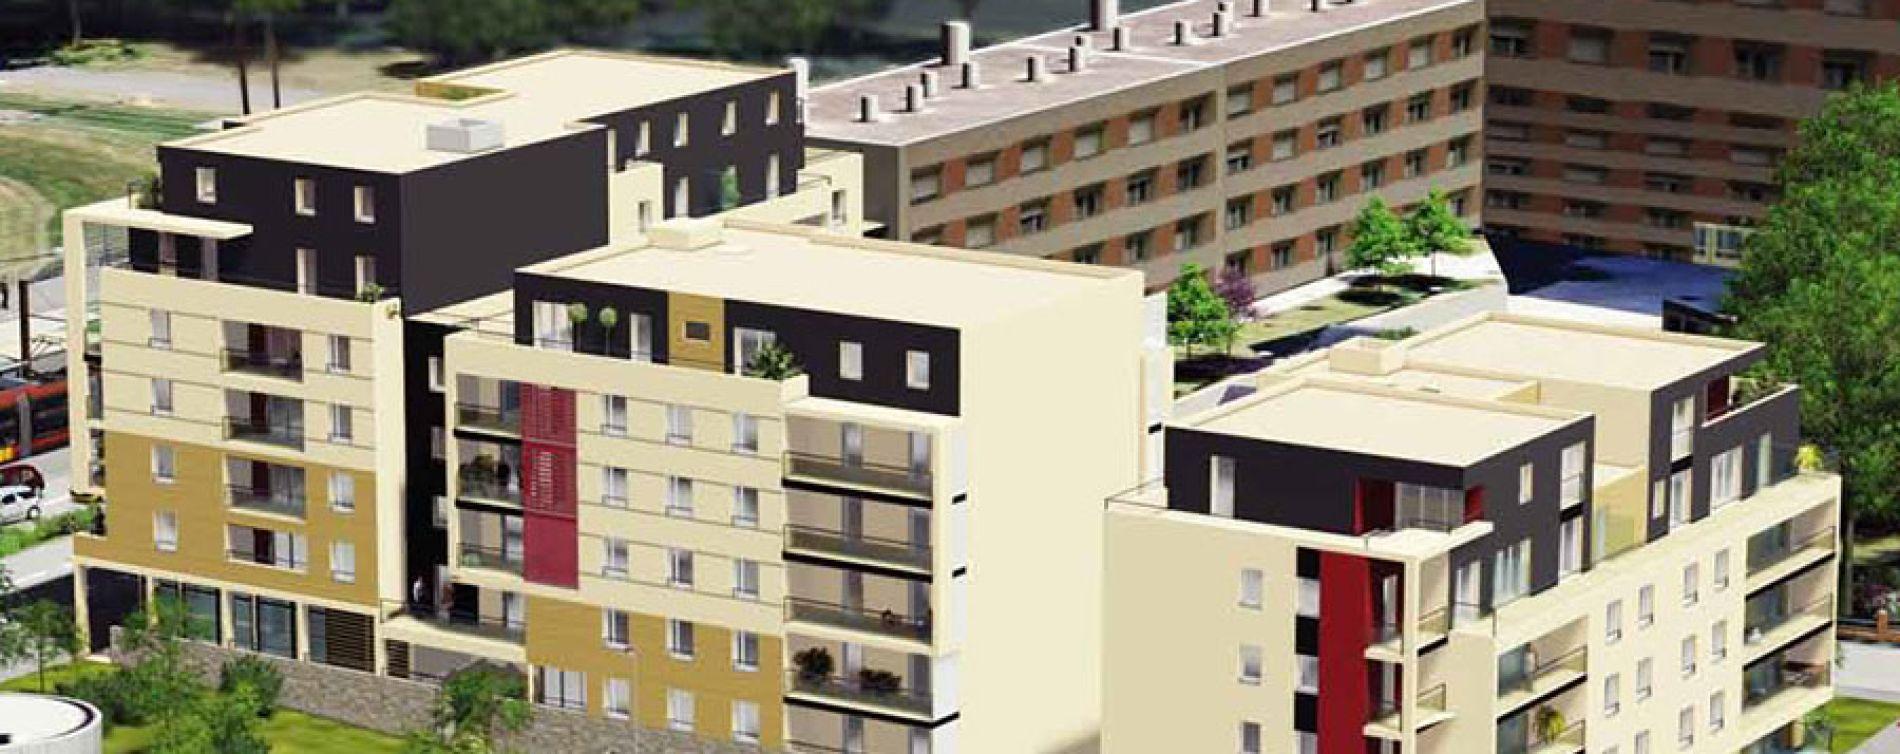 Résidence Connex'City au Mans